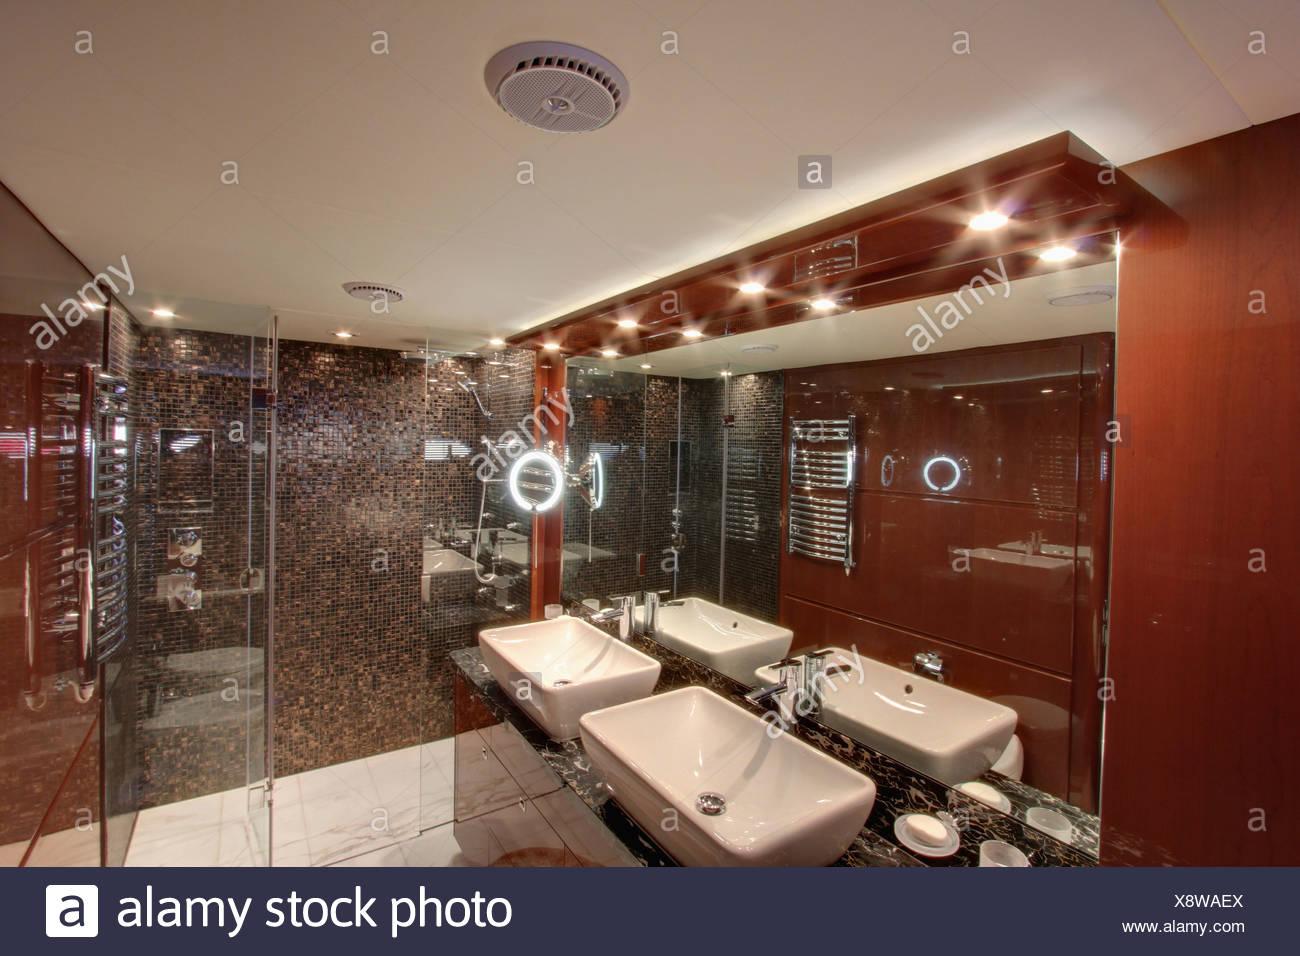 Down illuminazione e specchio sopra doppi lavandini in bagno moderno